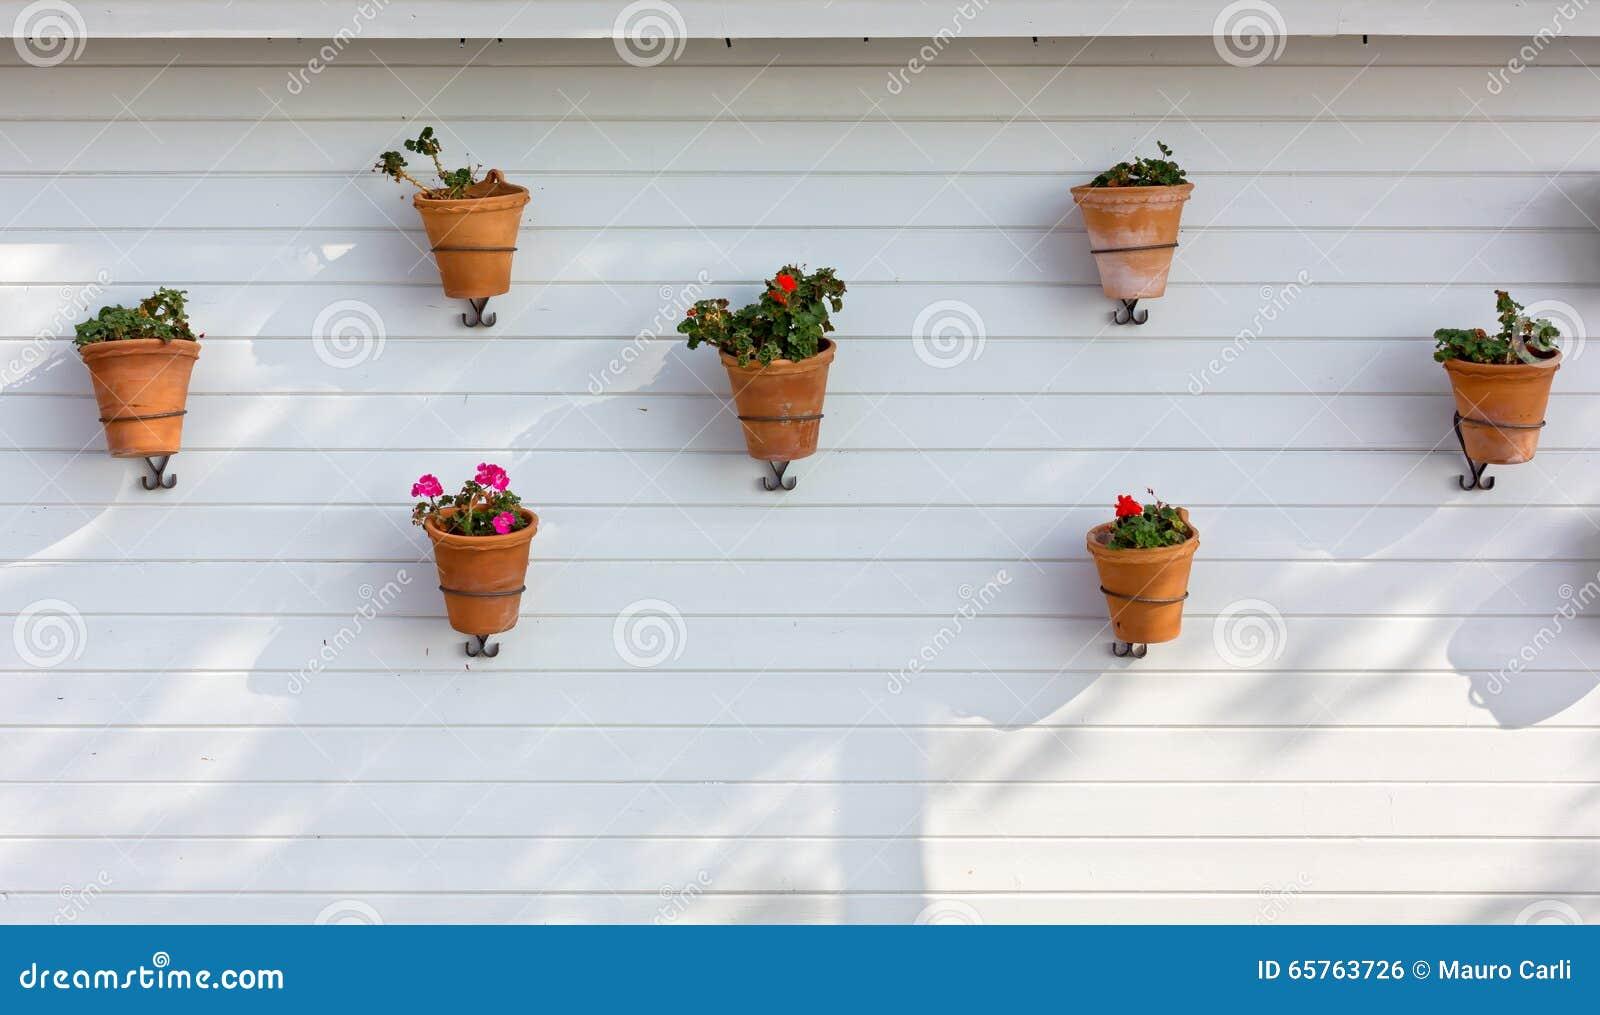 Vasi da fiori appesi su una parete esterna fotografia for Vasi appesi